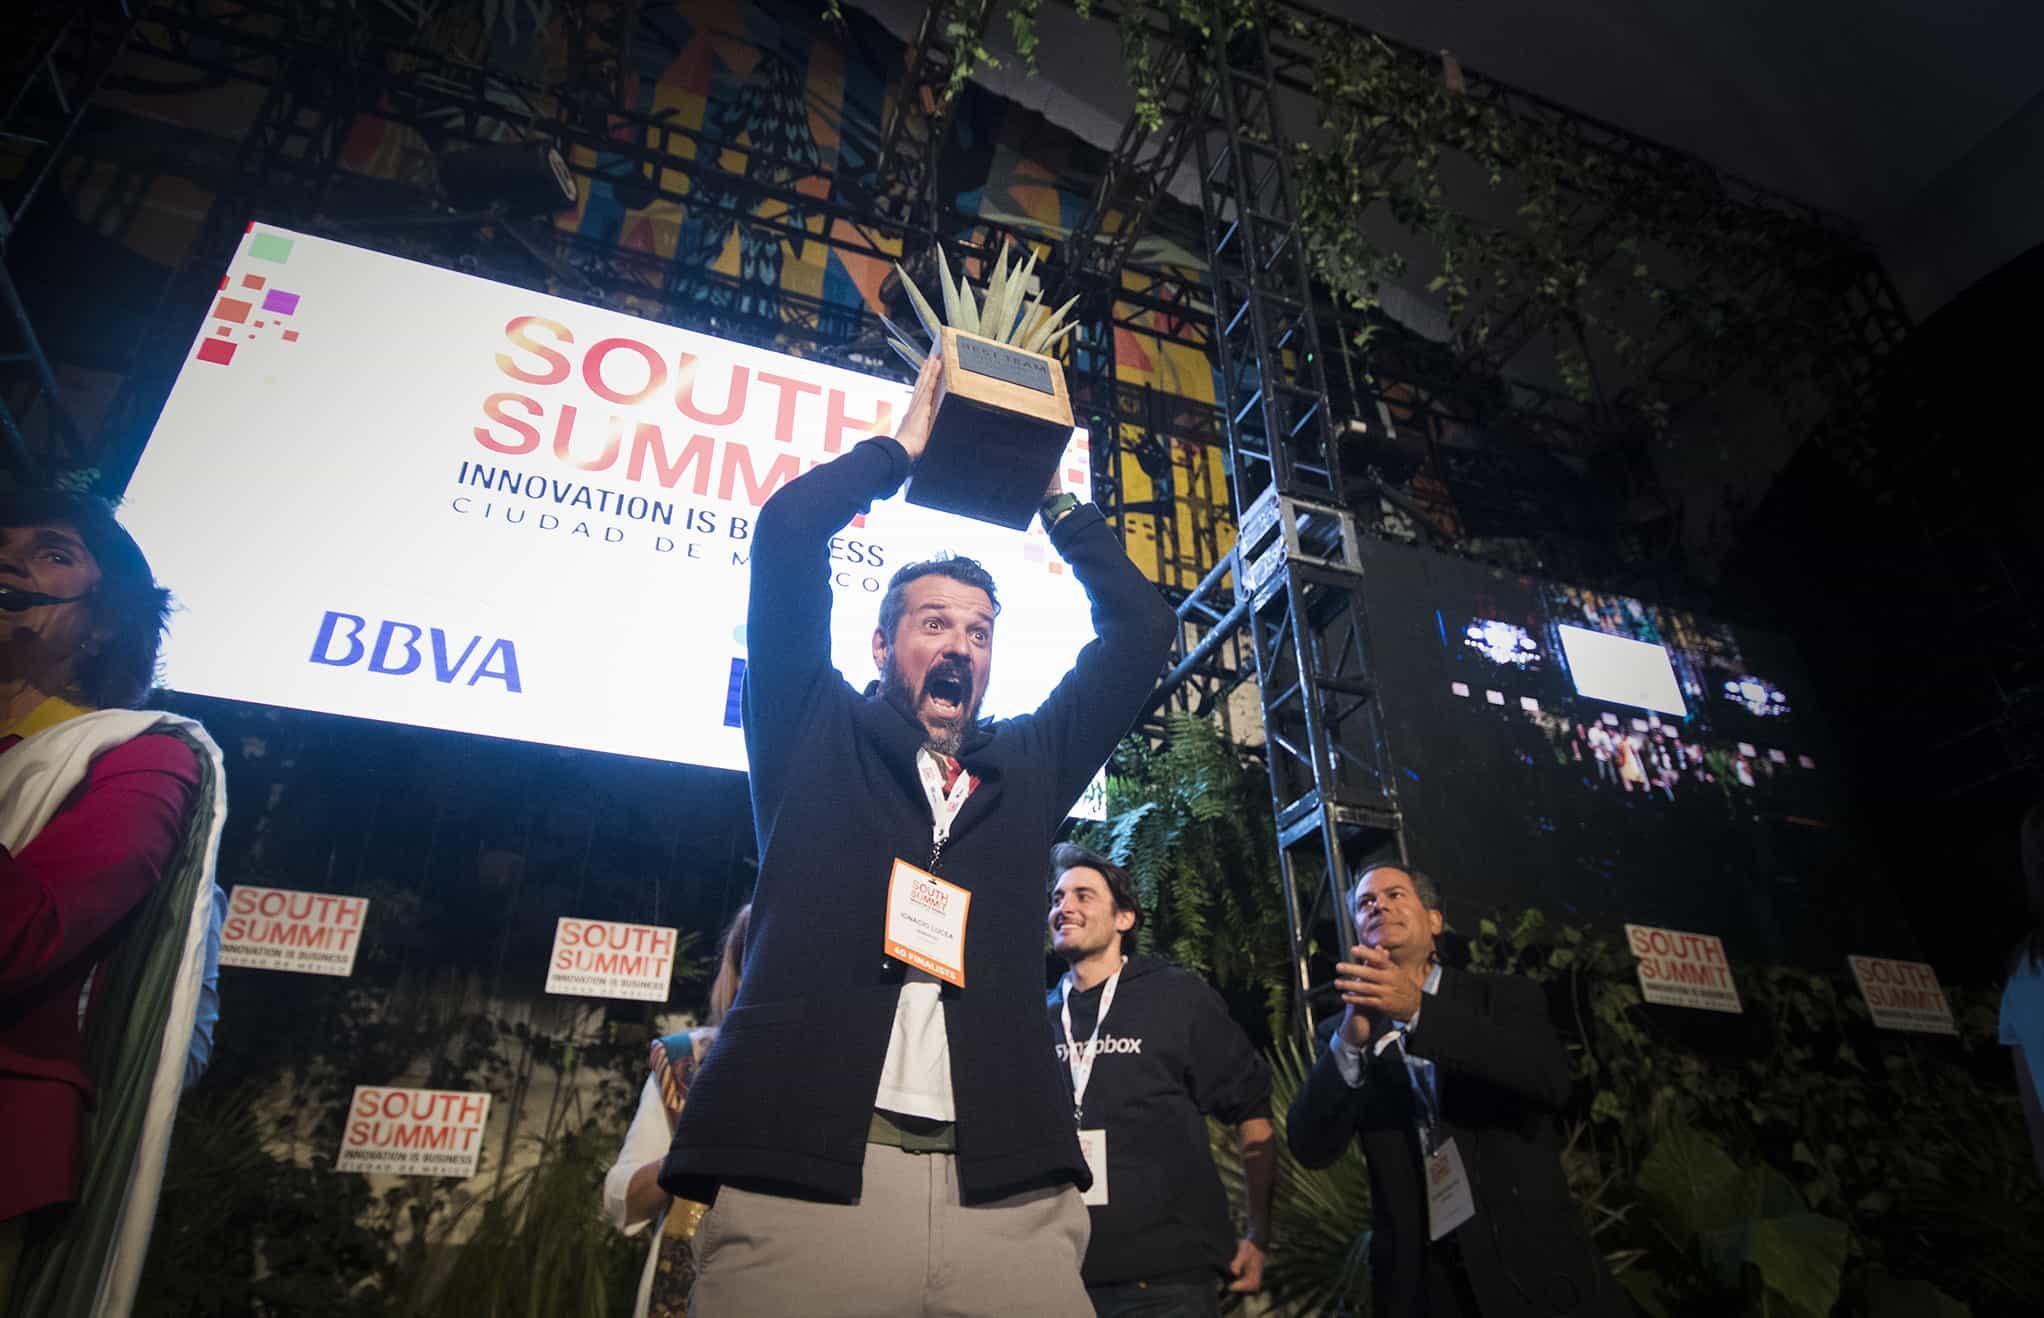 South Summit Málaga   Spain Startup  MAY 30, 2019